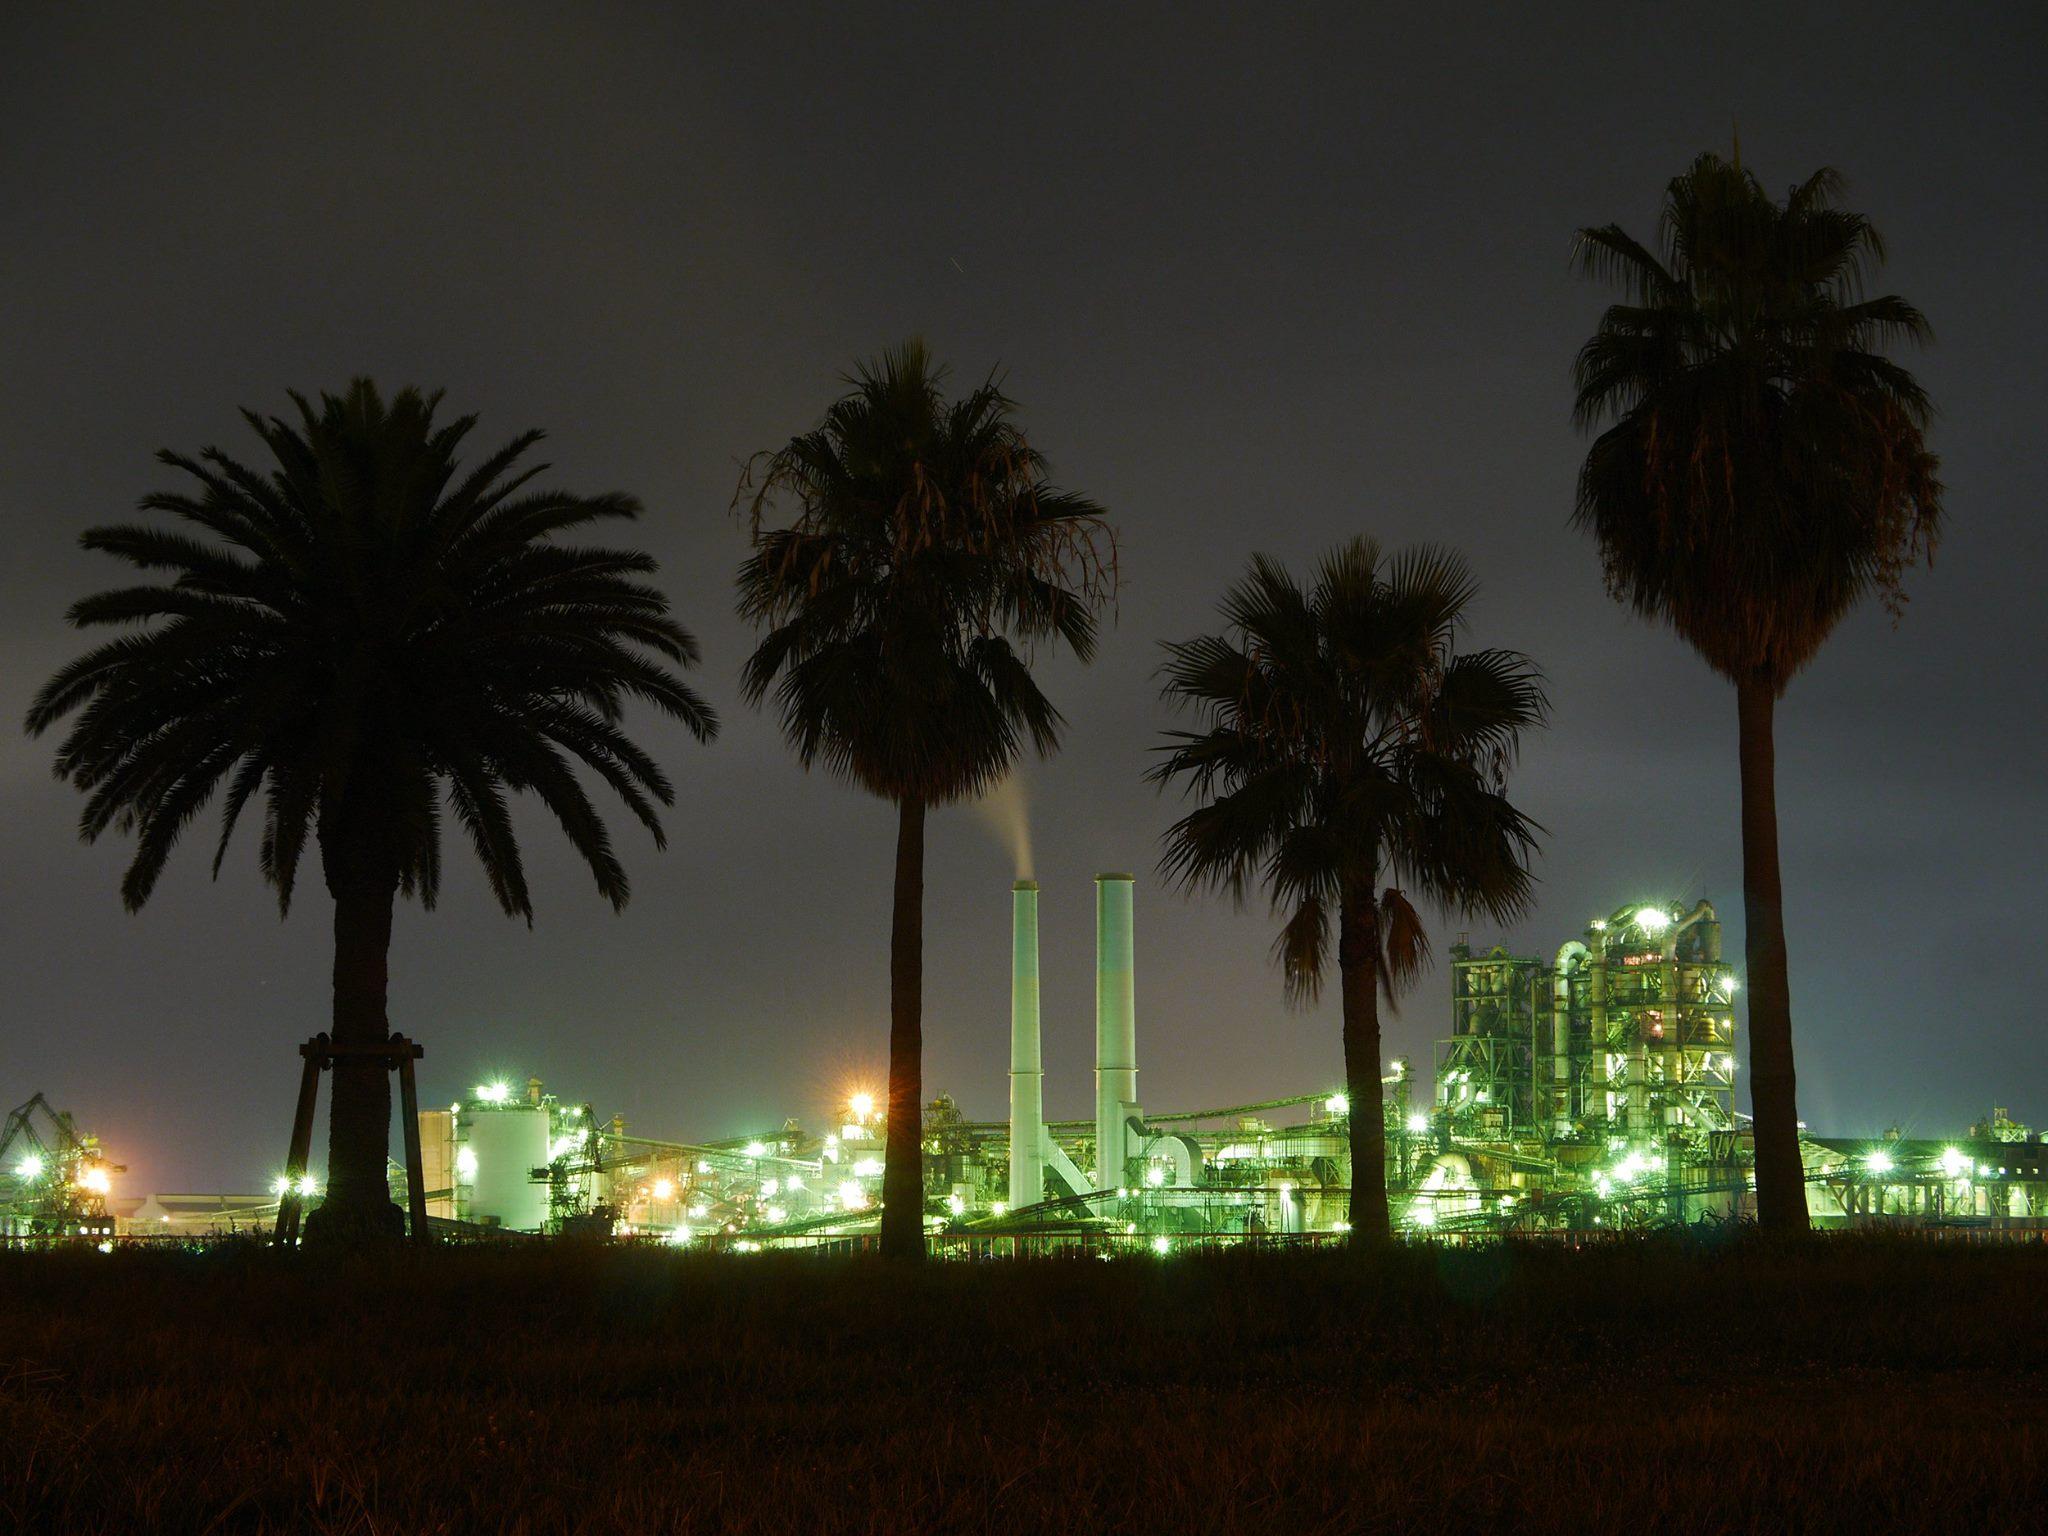 【山口・周南市】周南工場夜景観光タクシー【Aコース】60分貸切プラン